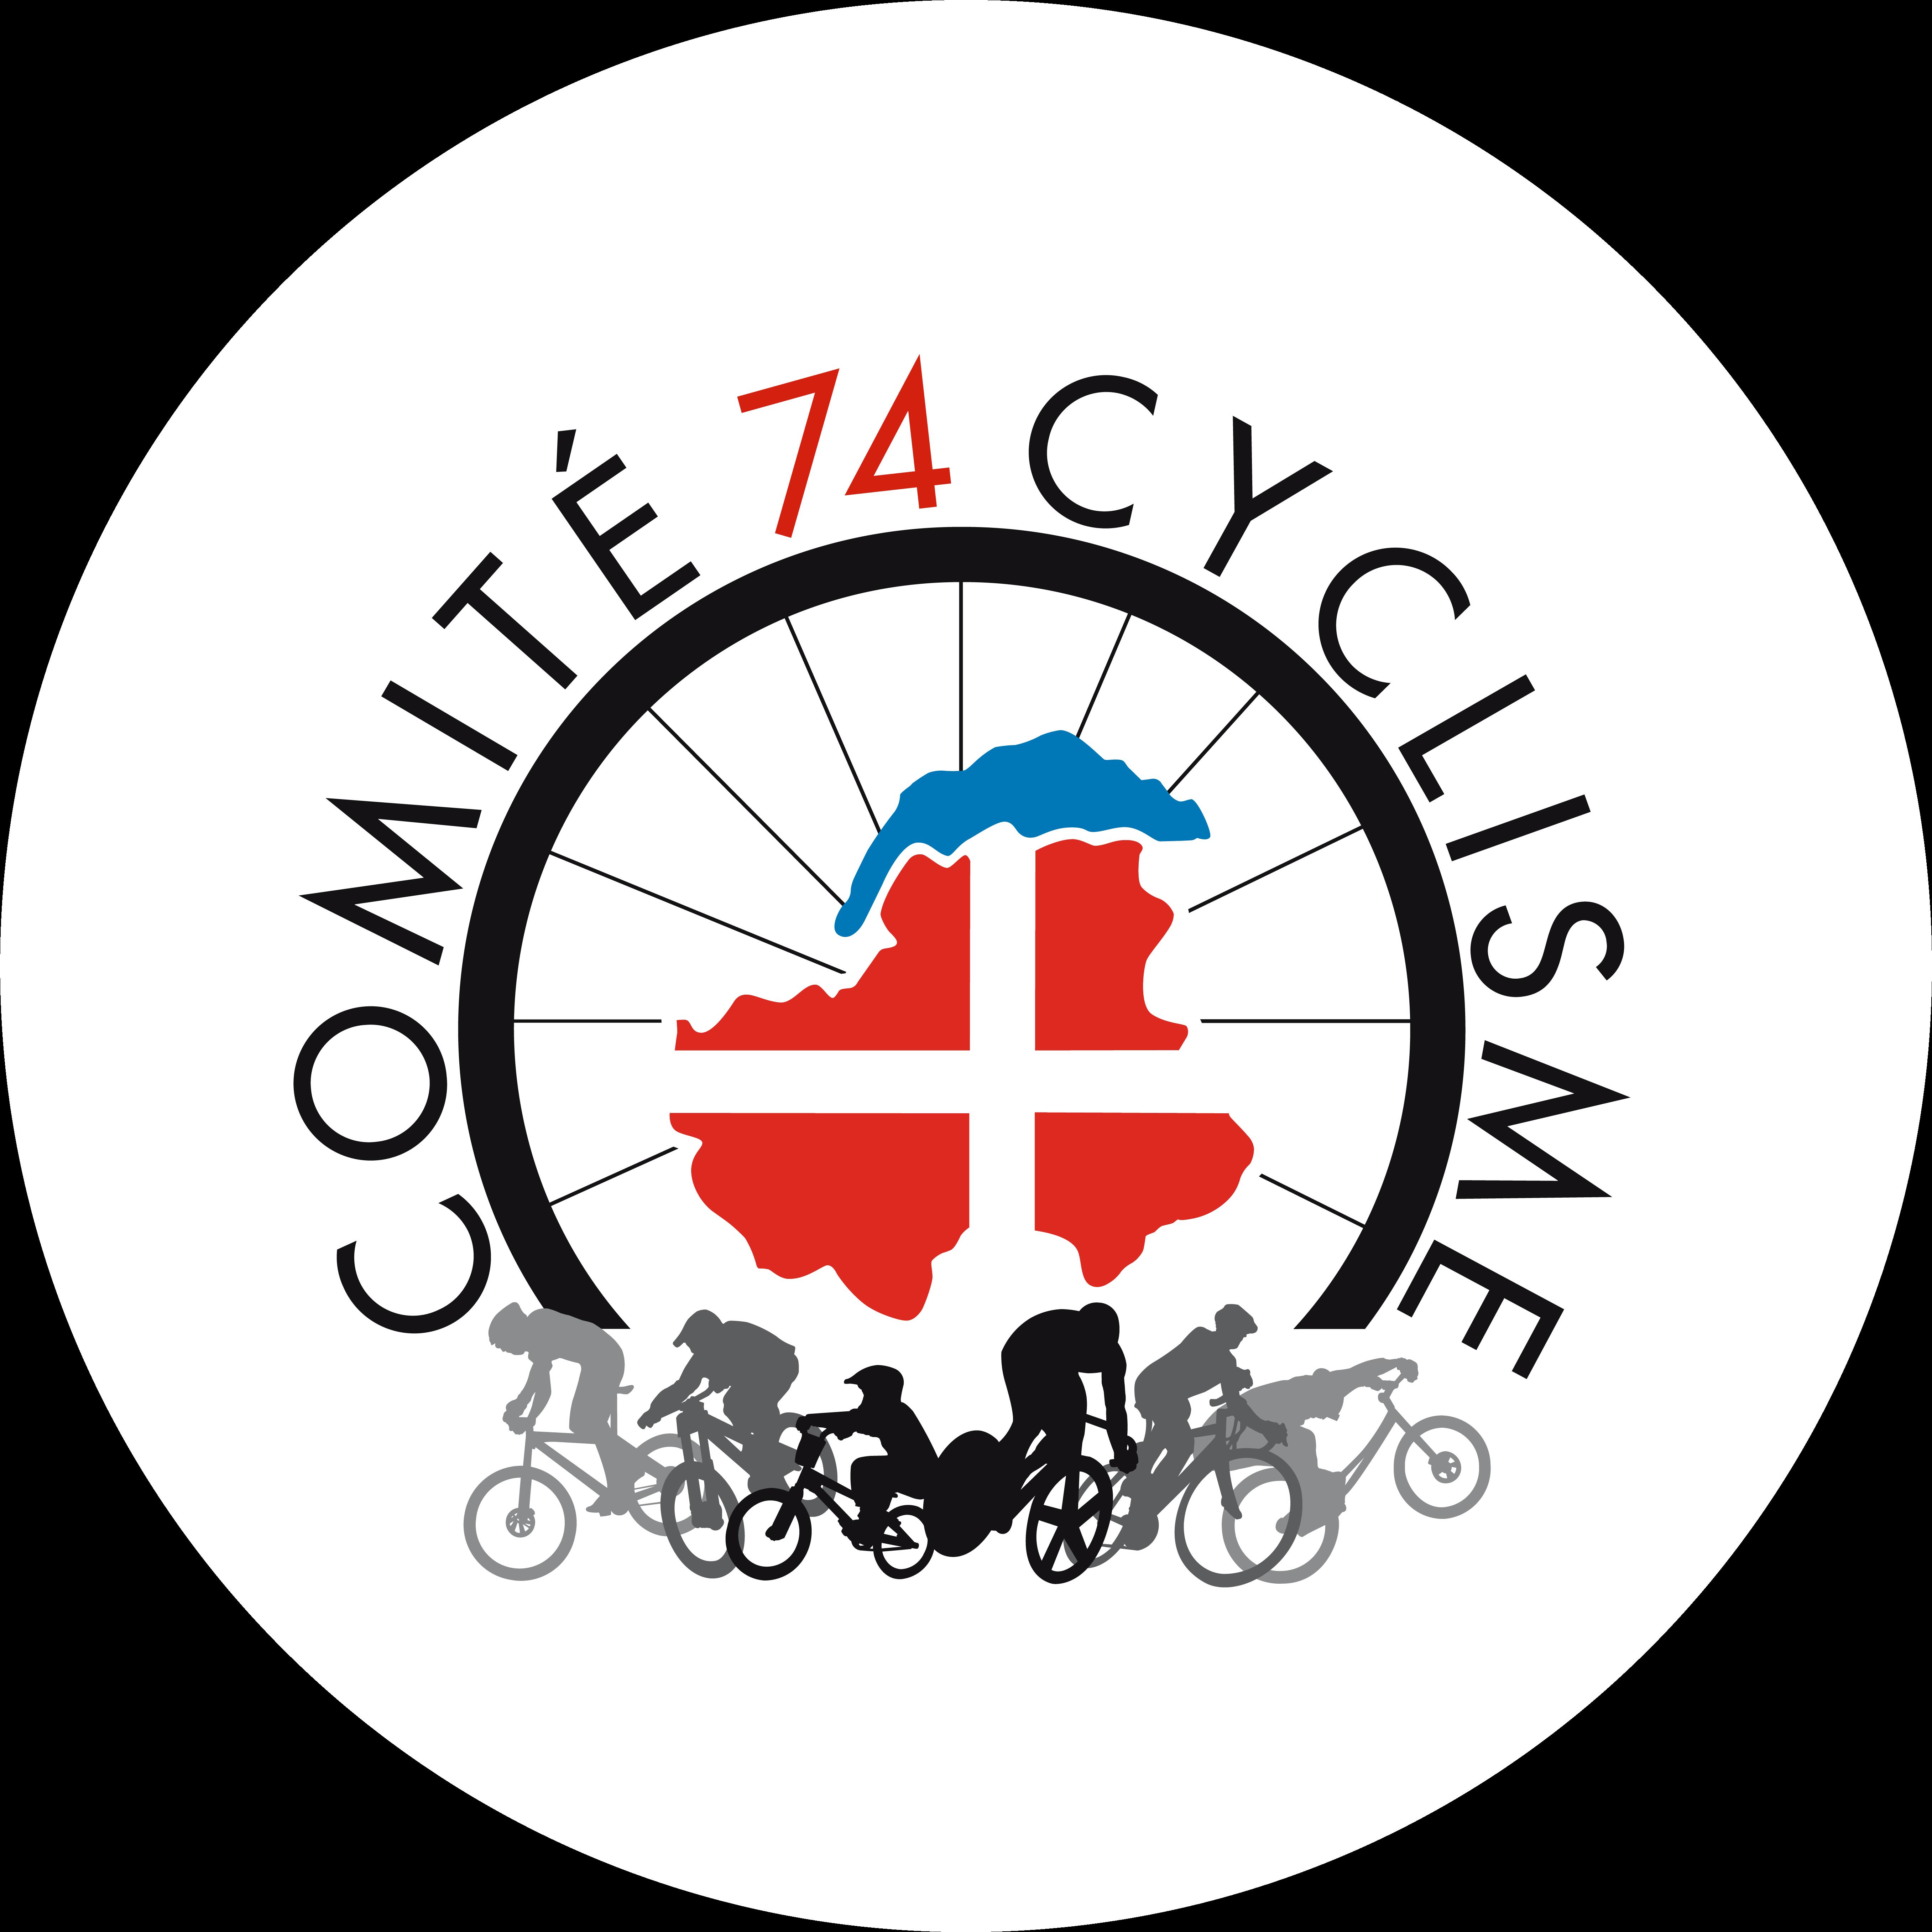 Comité Cyclisme 74